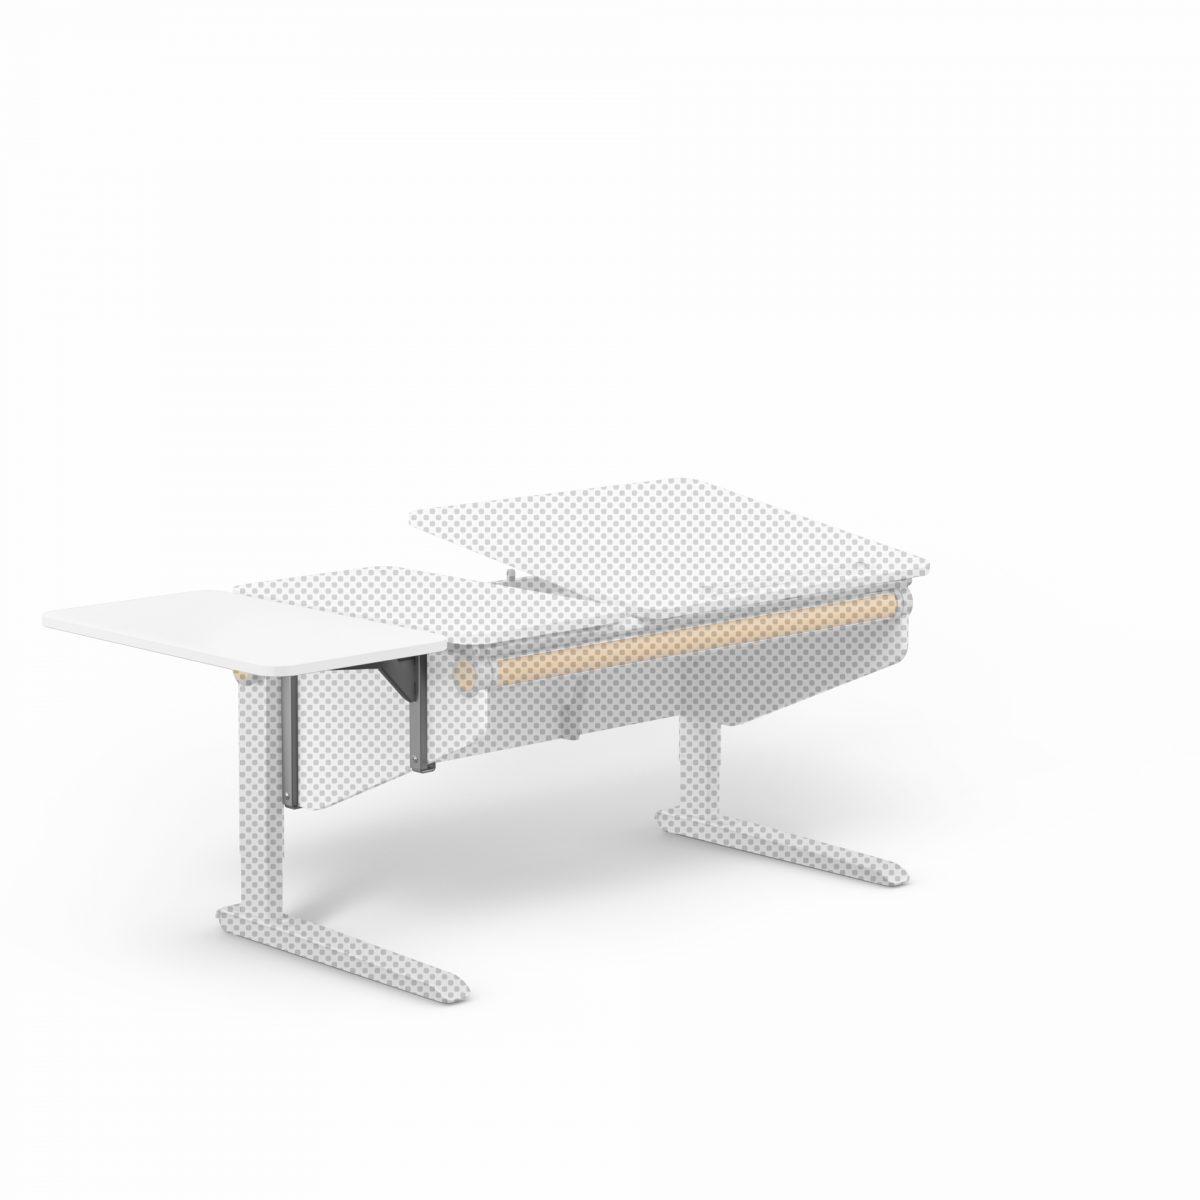 Side top pristavba k detskemu rostoucimu stolu Winner 2 - Delso - dětský, kancelářský a bytový nábytek